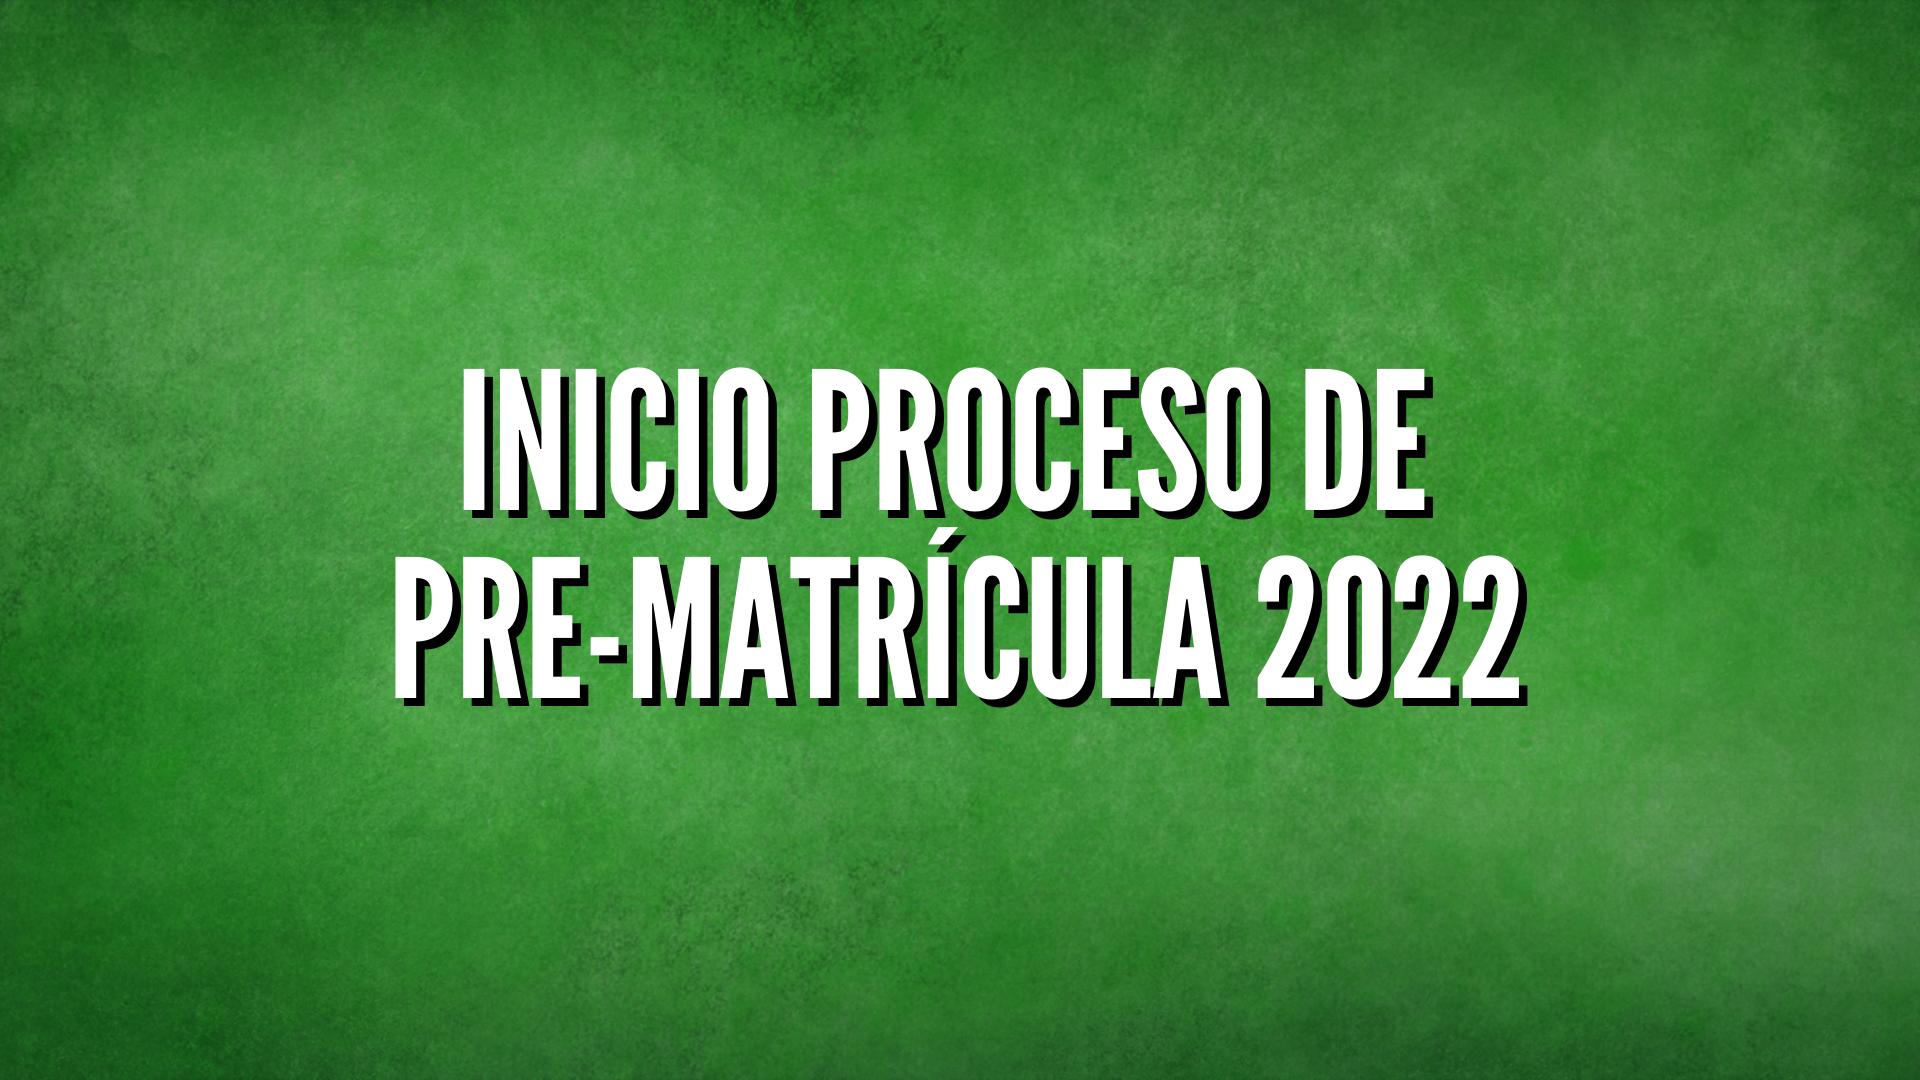 INICIO PROCESO DE PRE-MATRÍCULA 2022 ESTUDIANTES ANTIGUOS